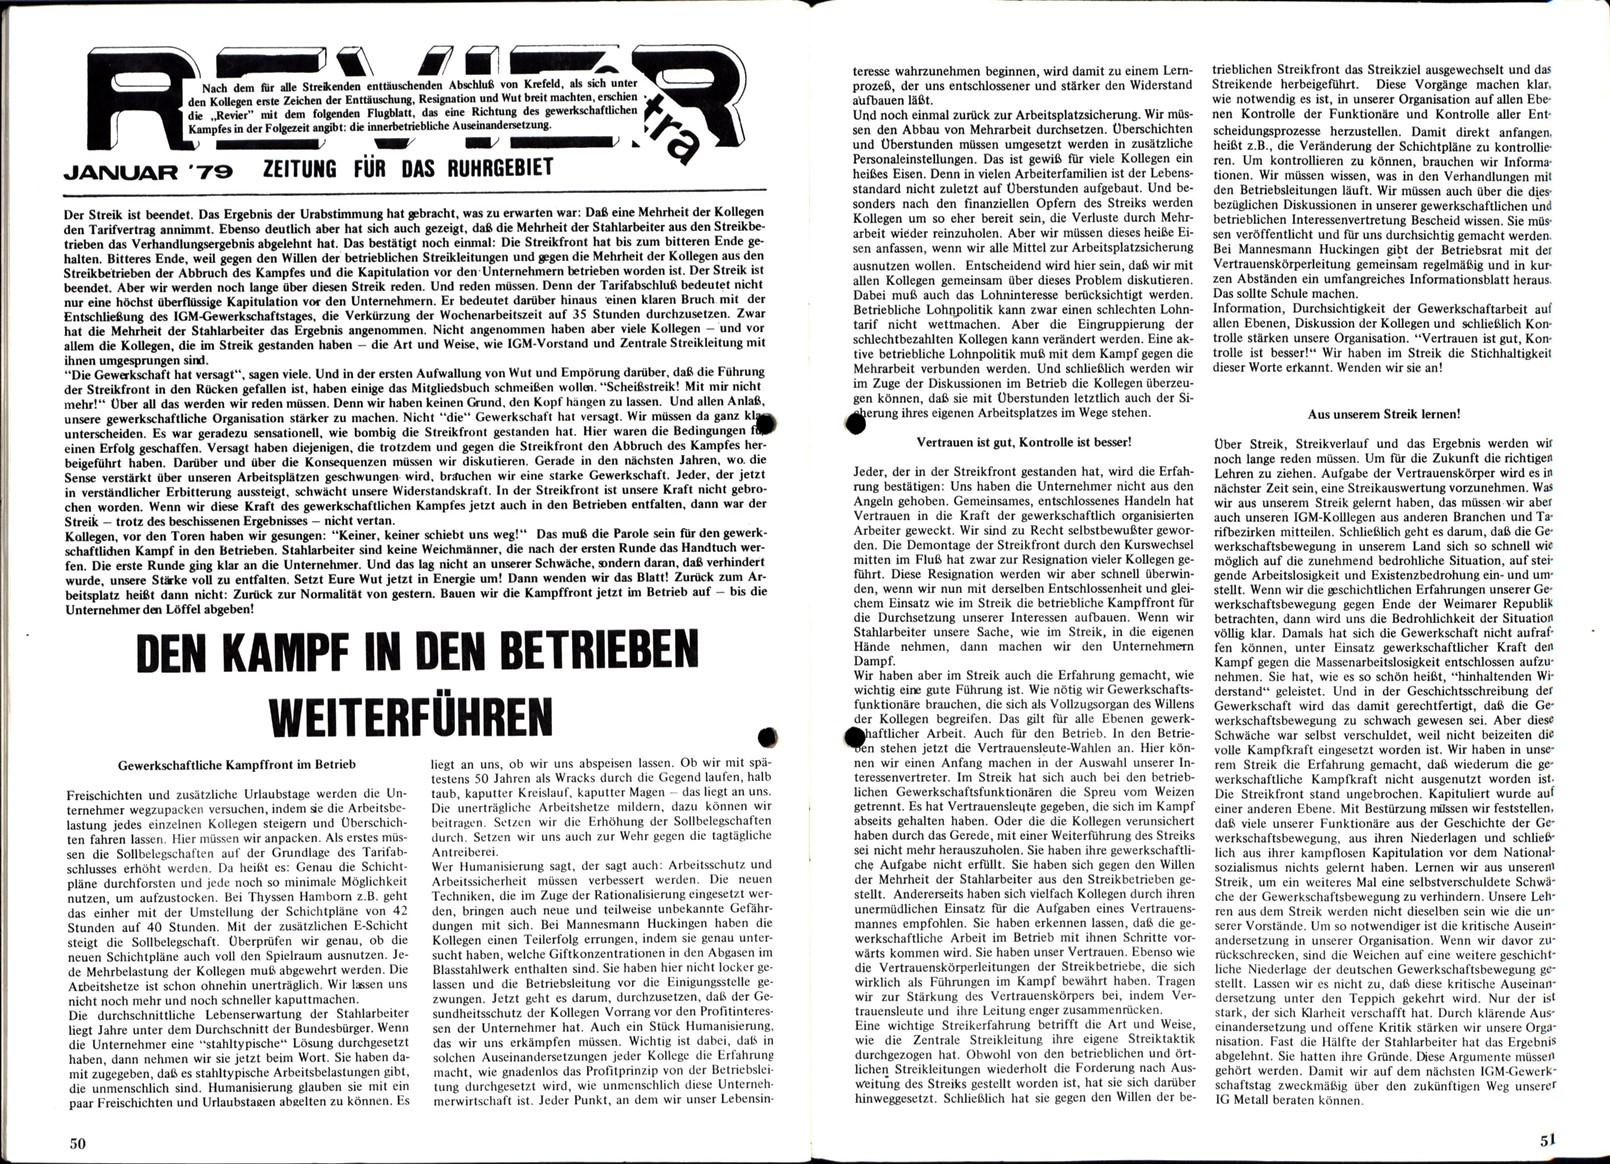 Bonn_RZ_20_19790200_26